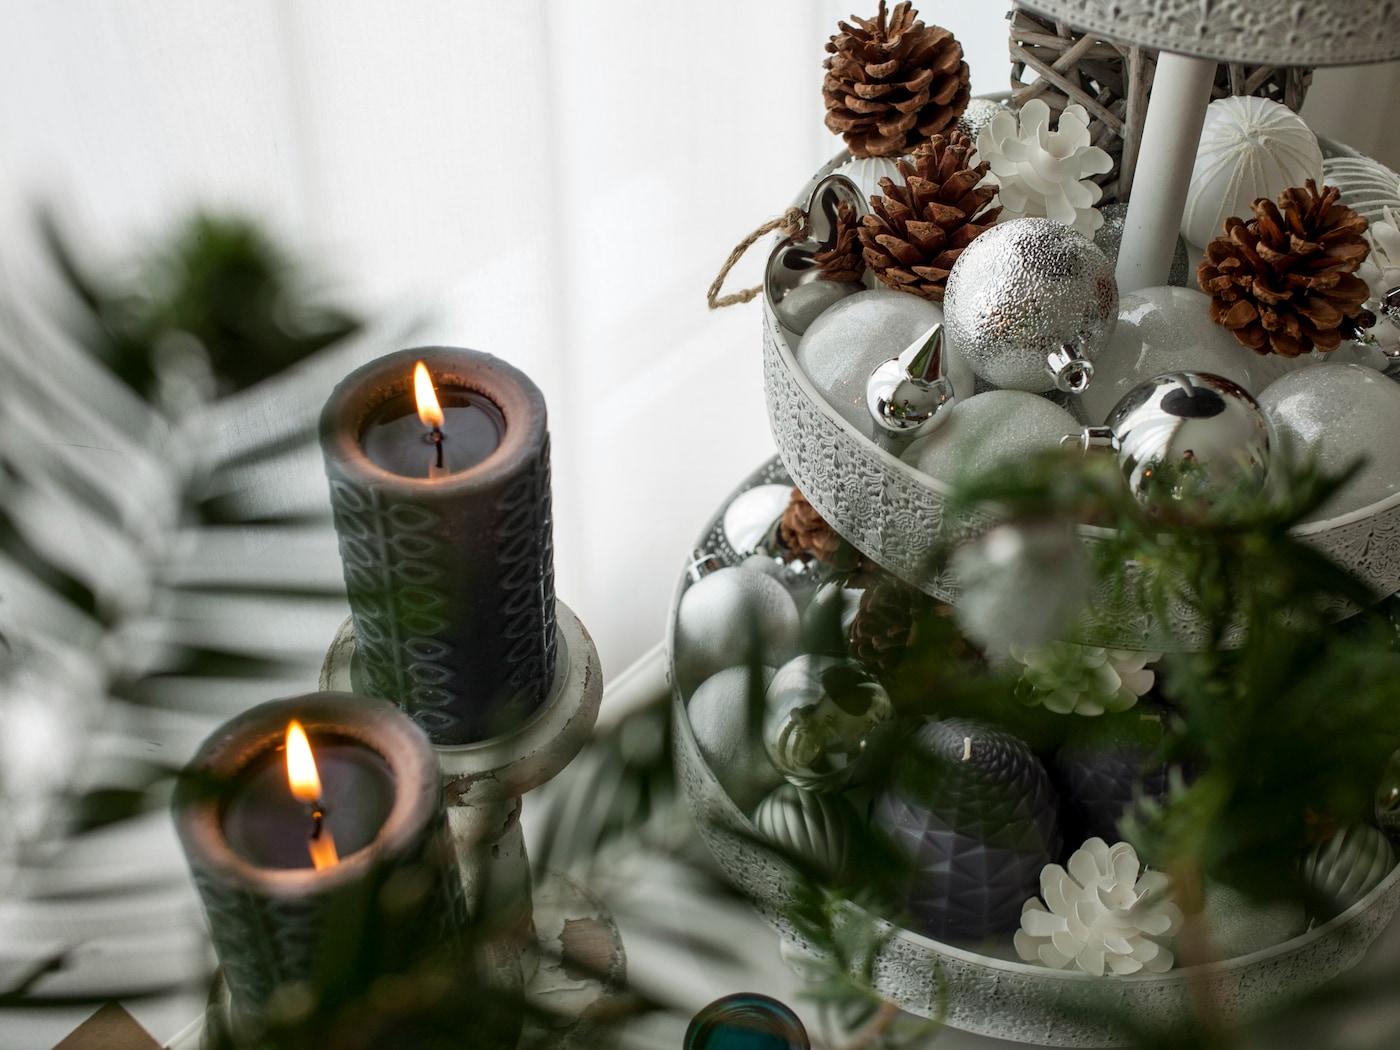 Eine Etagere von IKEA gefüllt mit weihnachtlicher Deko, daneben zwei brennende Kerzen